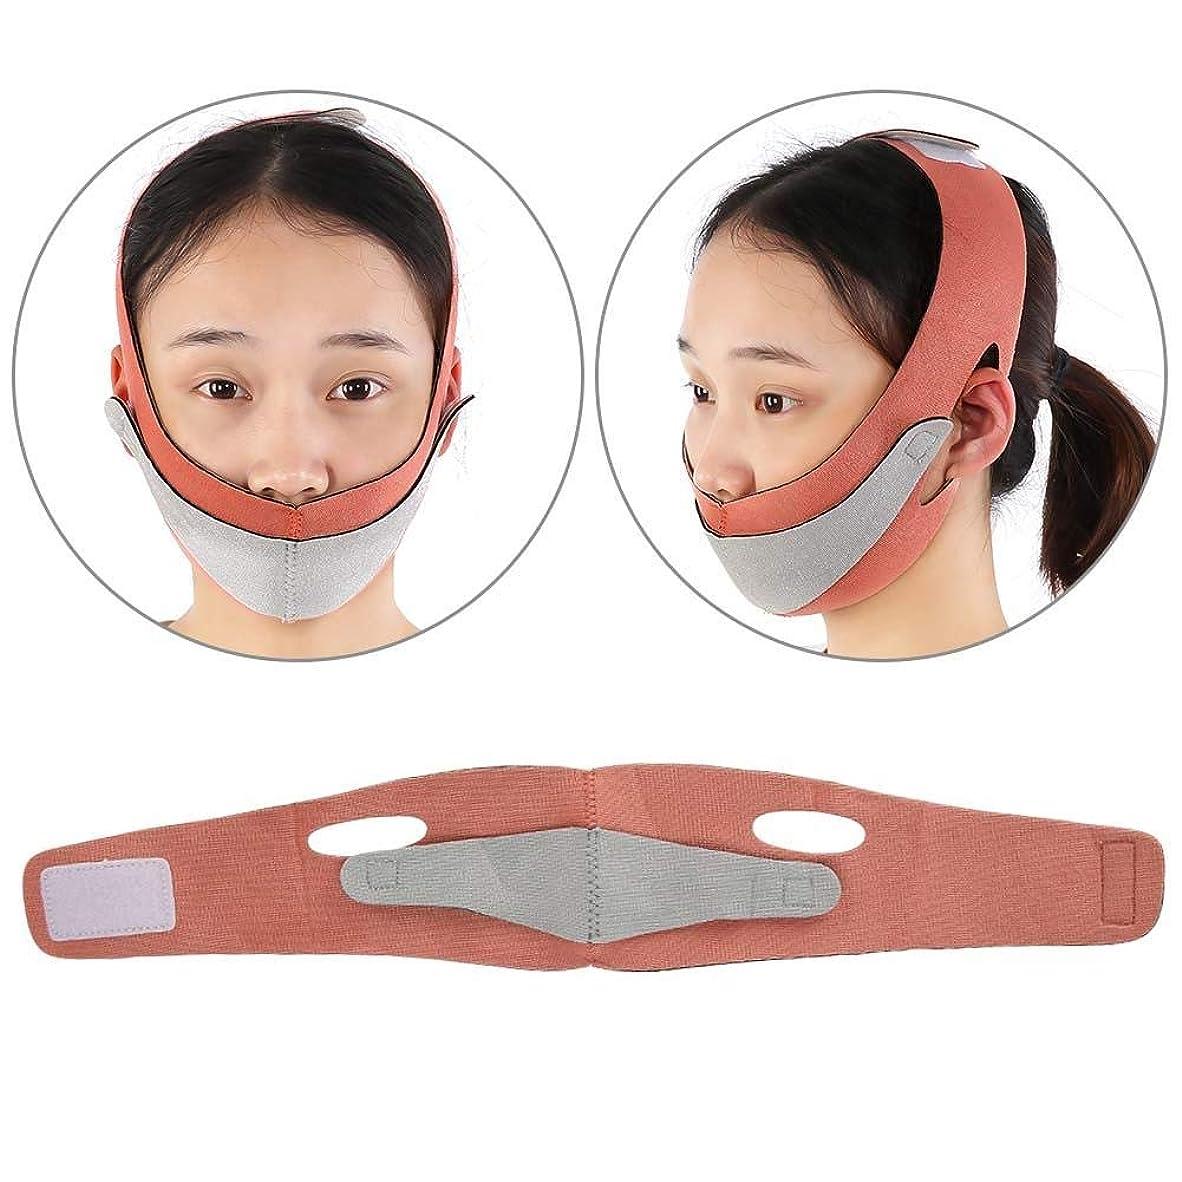 写真の気晴らし極めて重要な顔の輪郭を改善し、二重あご、脂肪蓄積、筋肉弛緩を効果的に改善するためのVフェイス美容包帯(02)